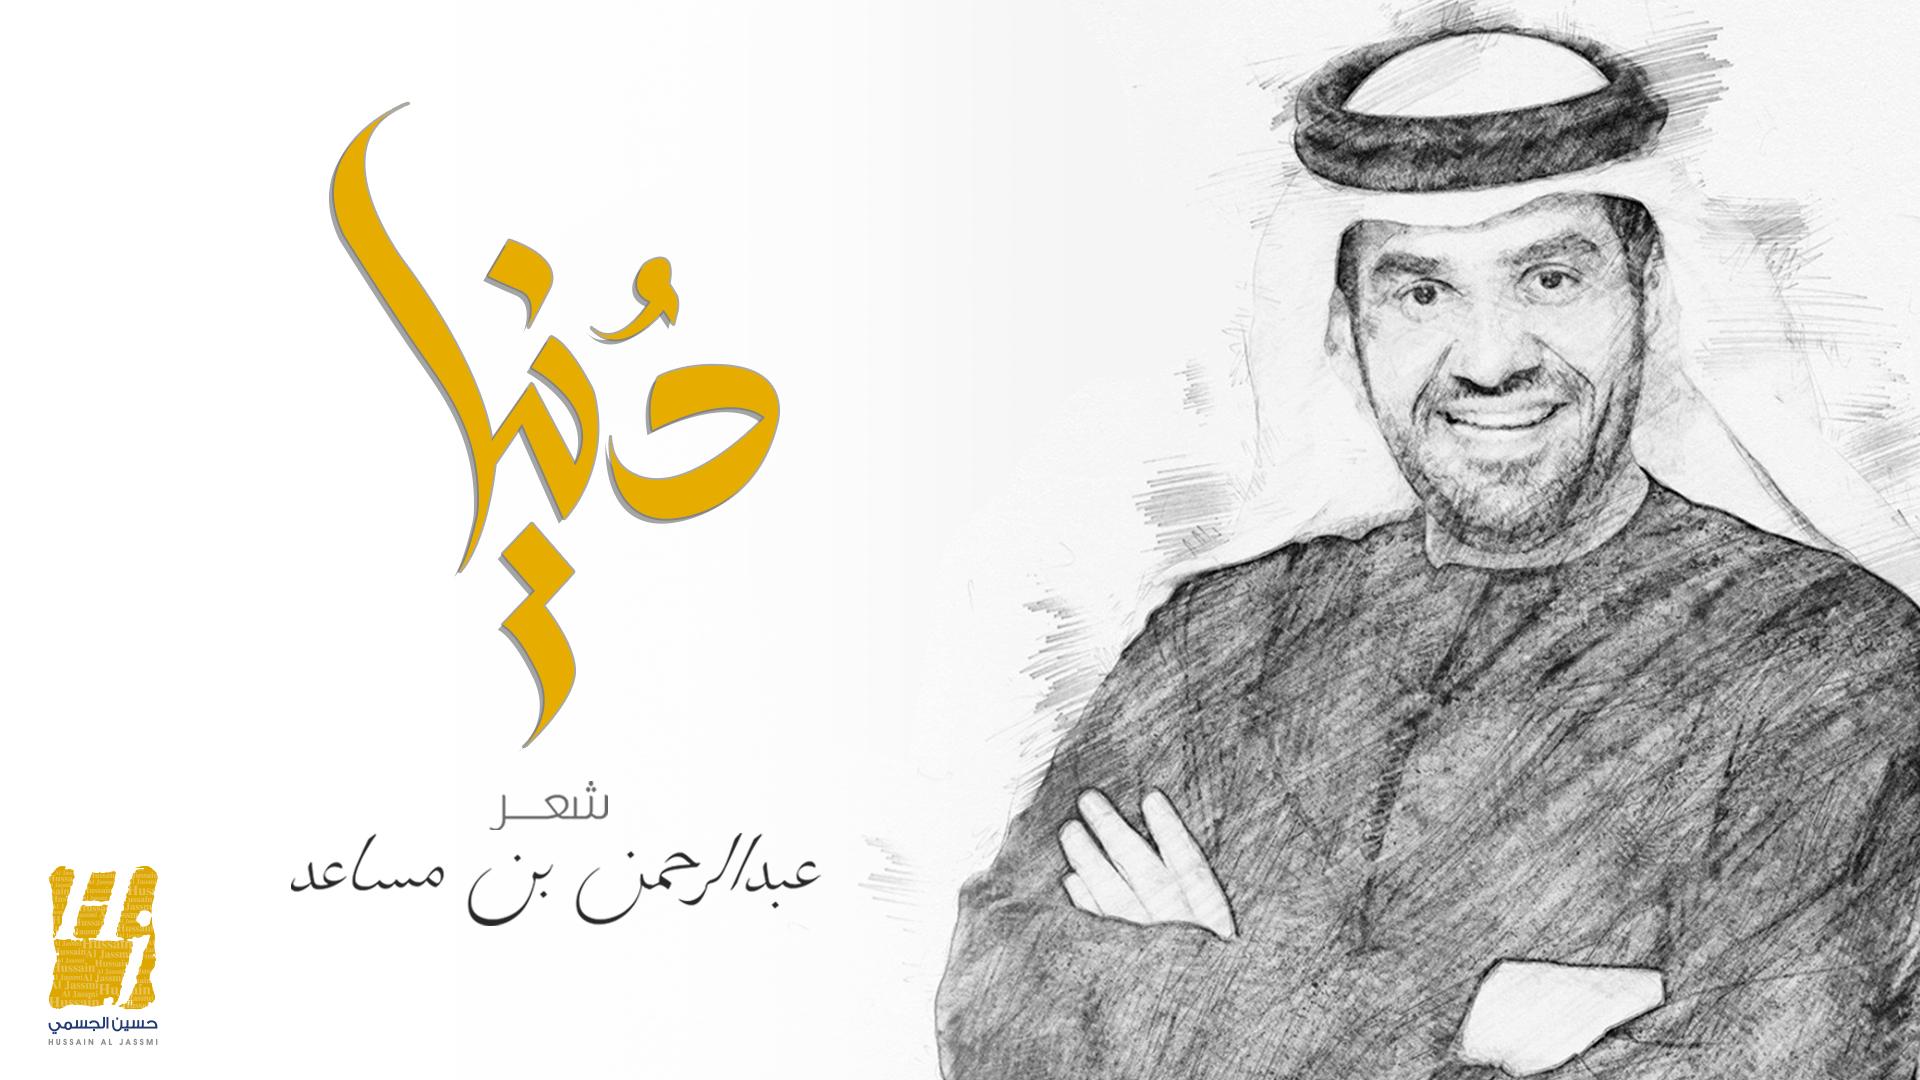 صورة حسين الجسمي يغني دنيا من شعر عبد الرحمن بن مساعد